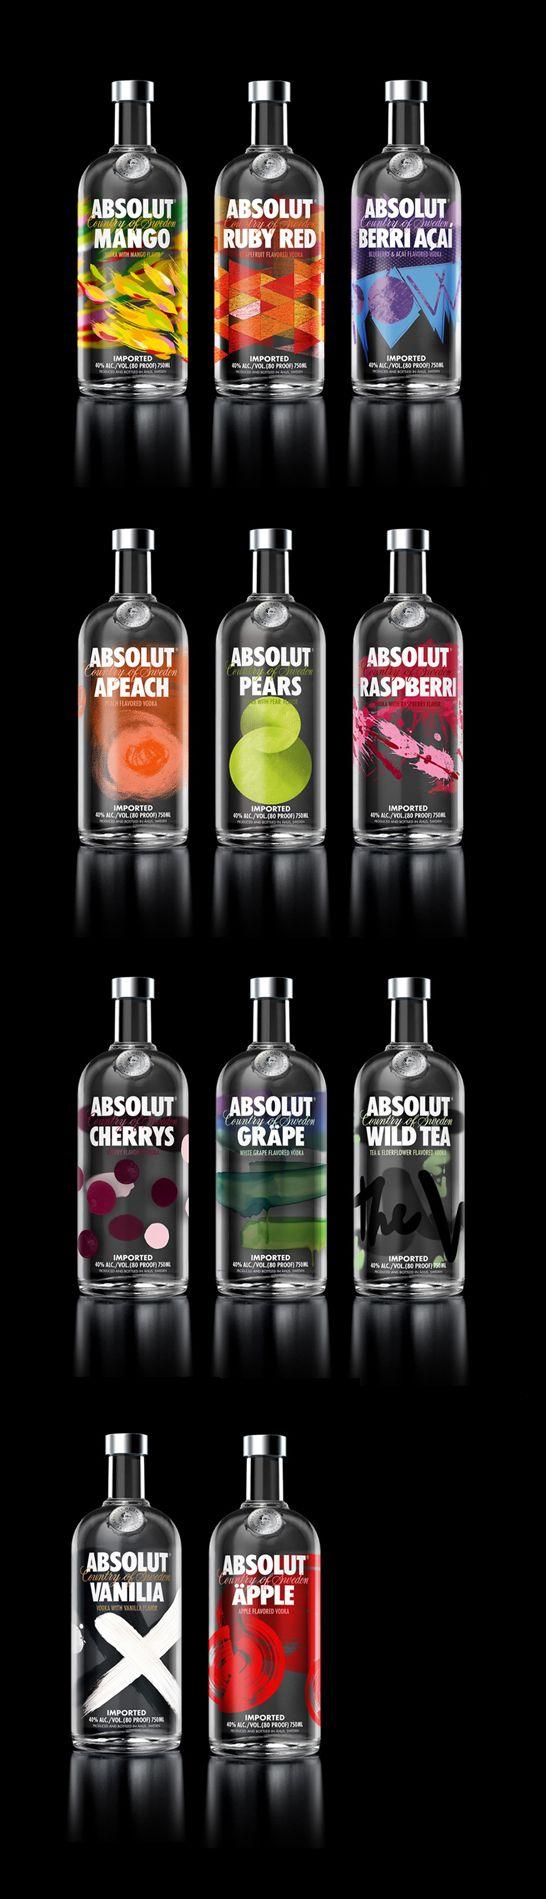 As garrafas novas. Não tenho nenhuma ainda...  {Absolut} New Absolut Vodka designs - 2013 #Absolut #vodka